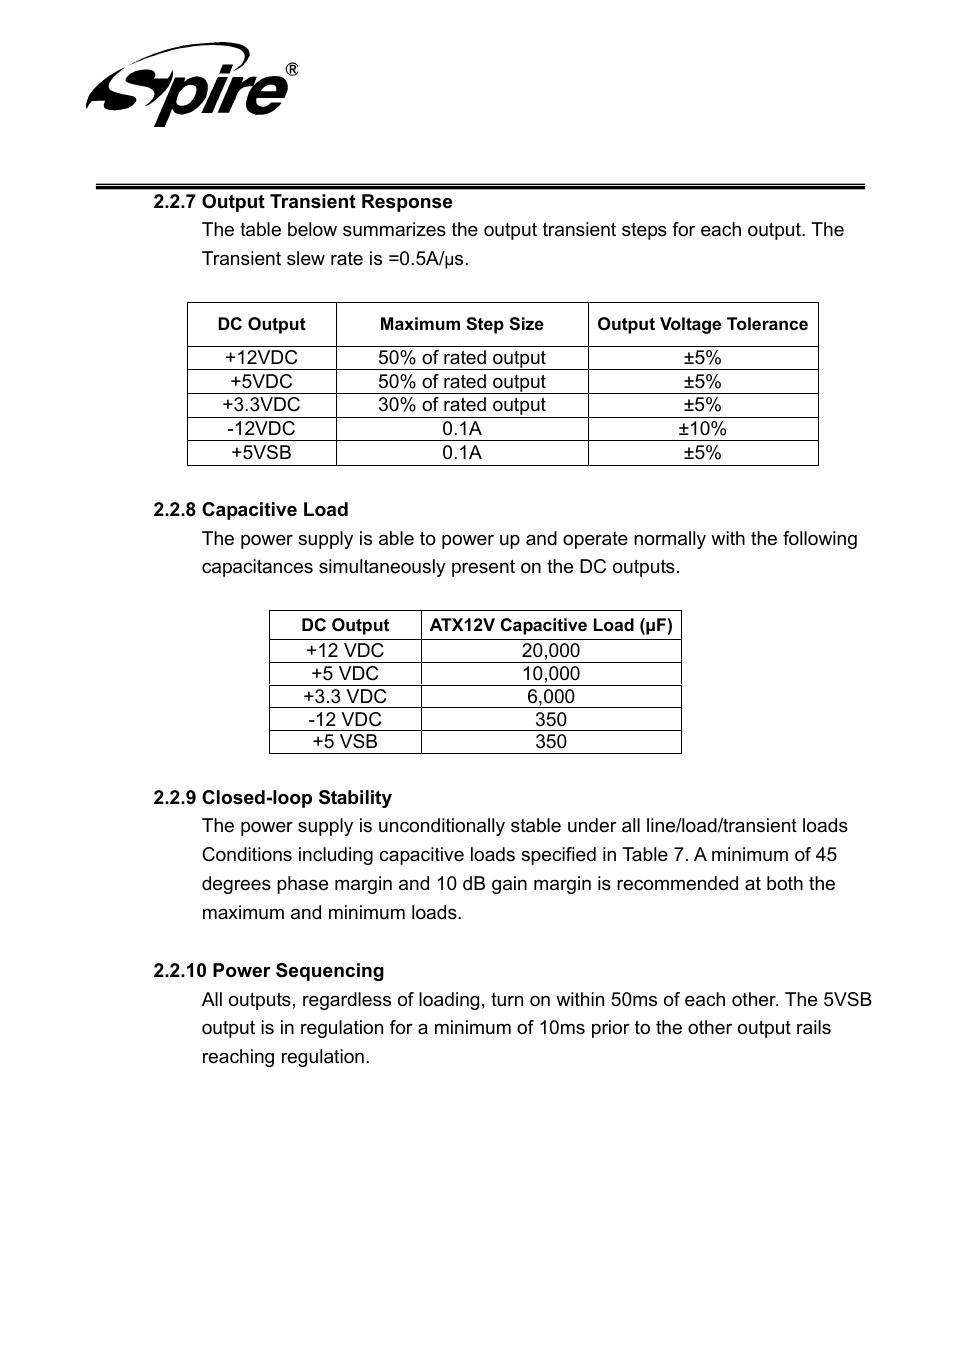 Spire corp | Spire JEWEL 420W / SP-ATX-420W-C1-PFC User